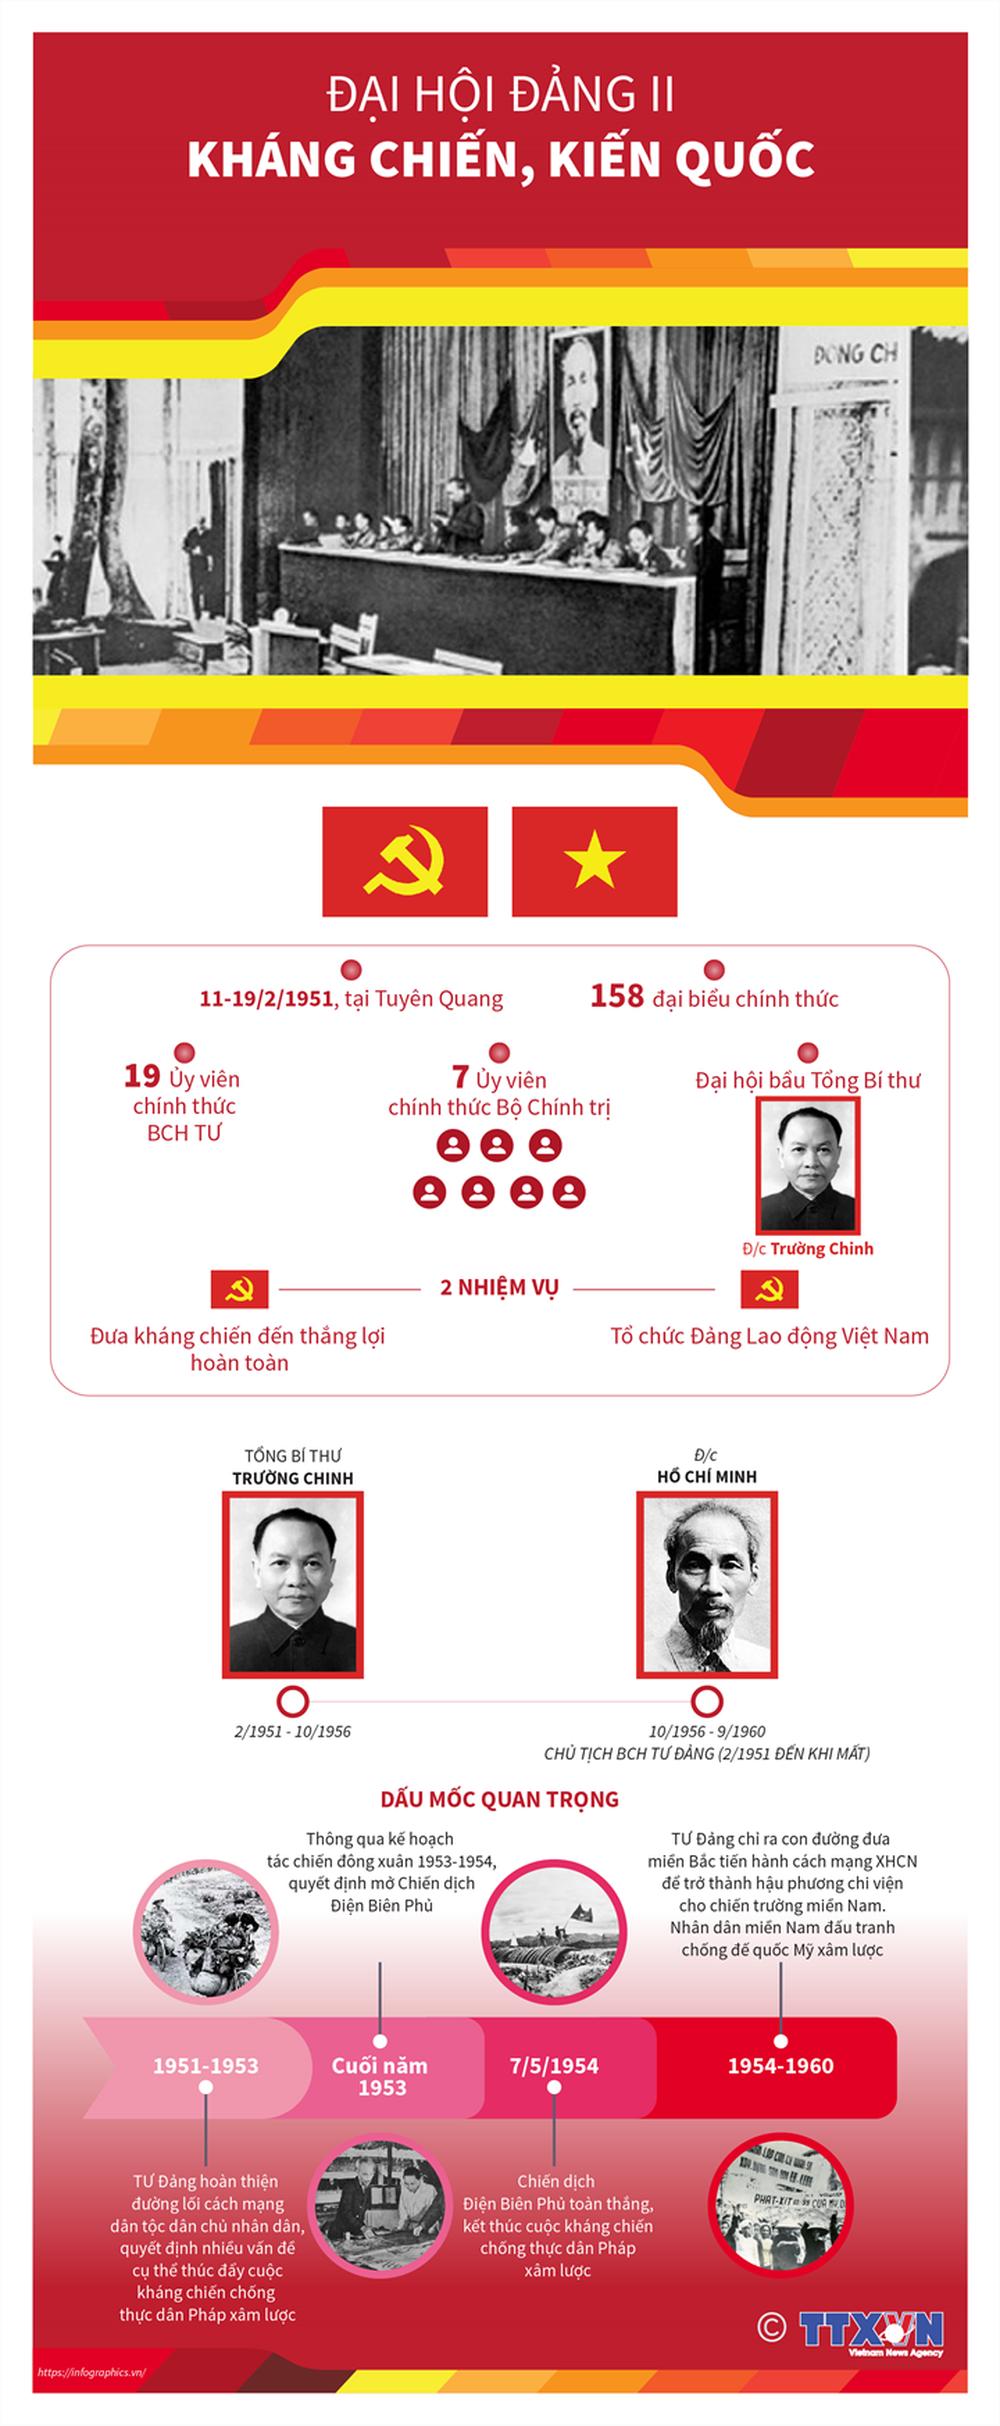 Nhìn lại 12 kỳ Đại hội của Đảng Cộng sản Việt Nam - Ảnh 2.